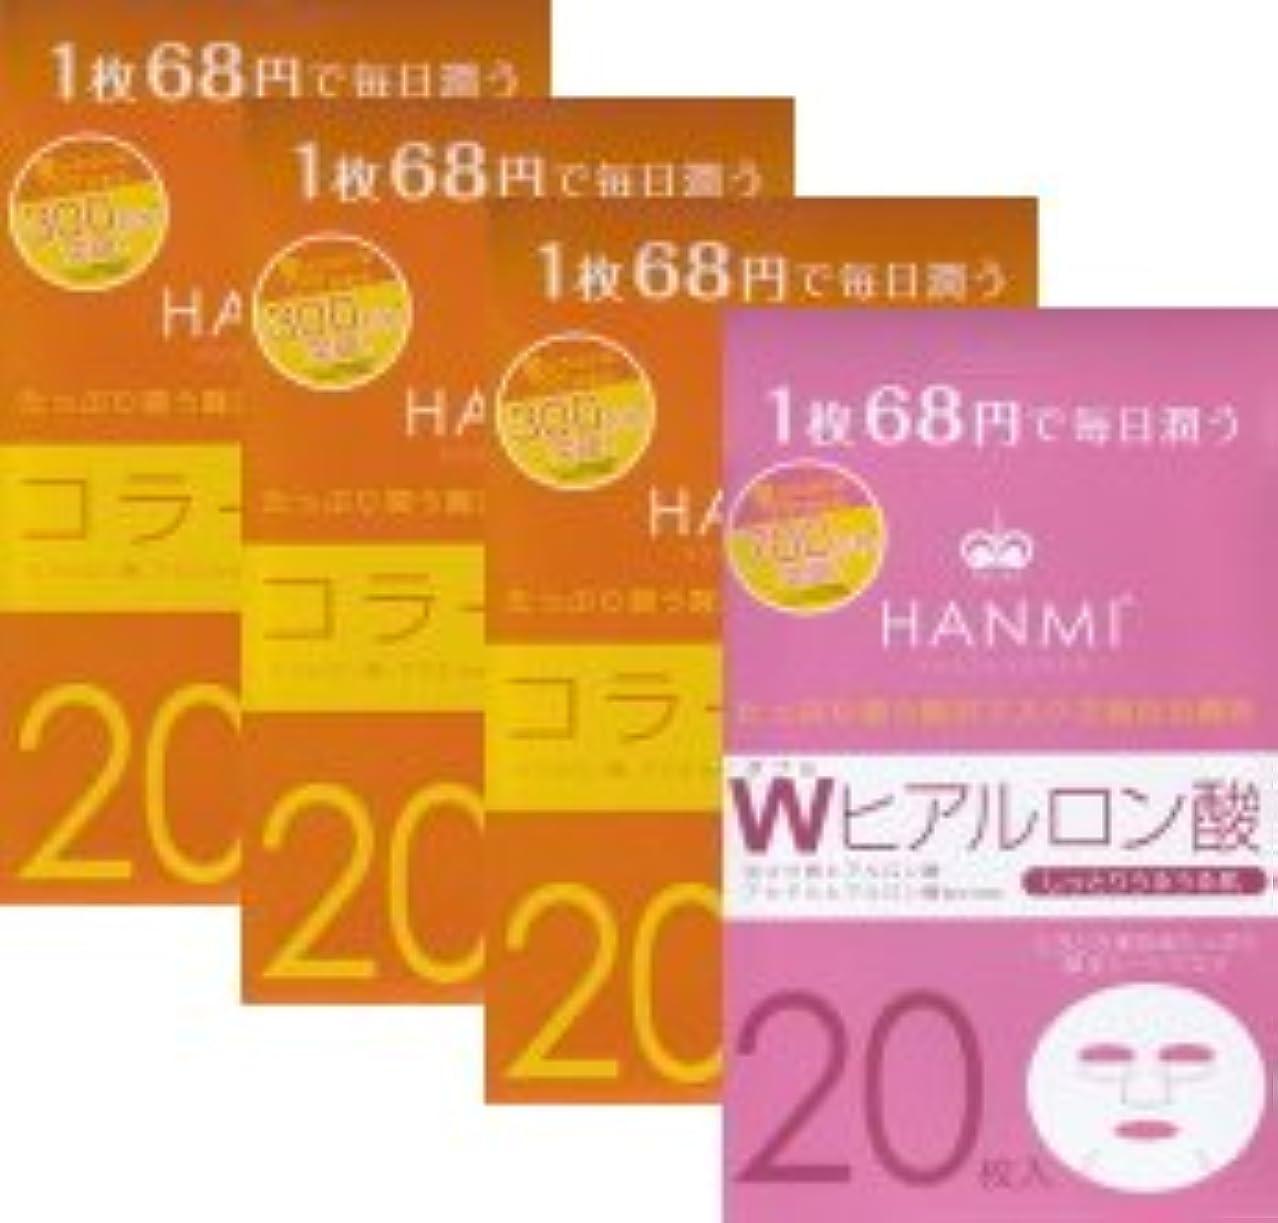 美徳いつでも貝殻MIGAKI ハンミフェイスマスク(20枚入り)「コラーゲン×3個」「Wヒアルロン酸×1個」の4個セット